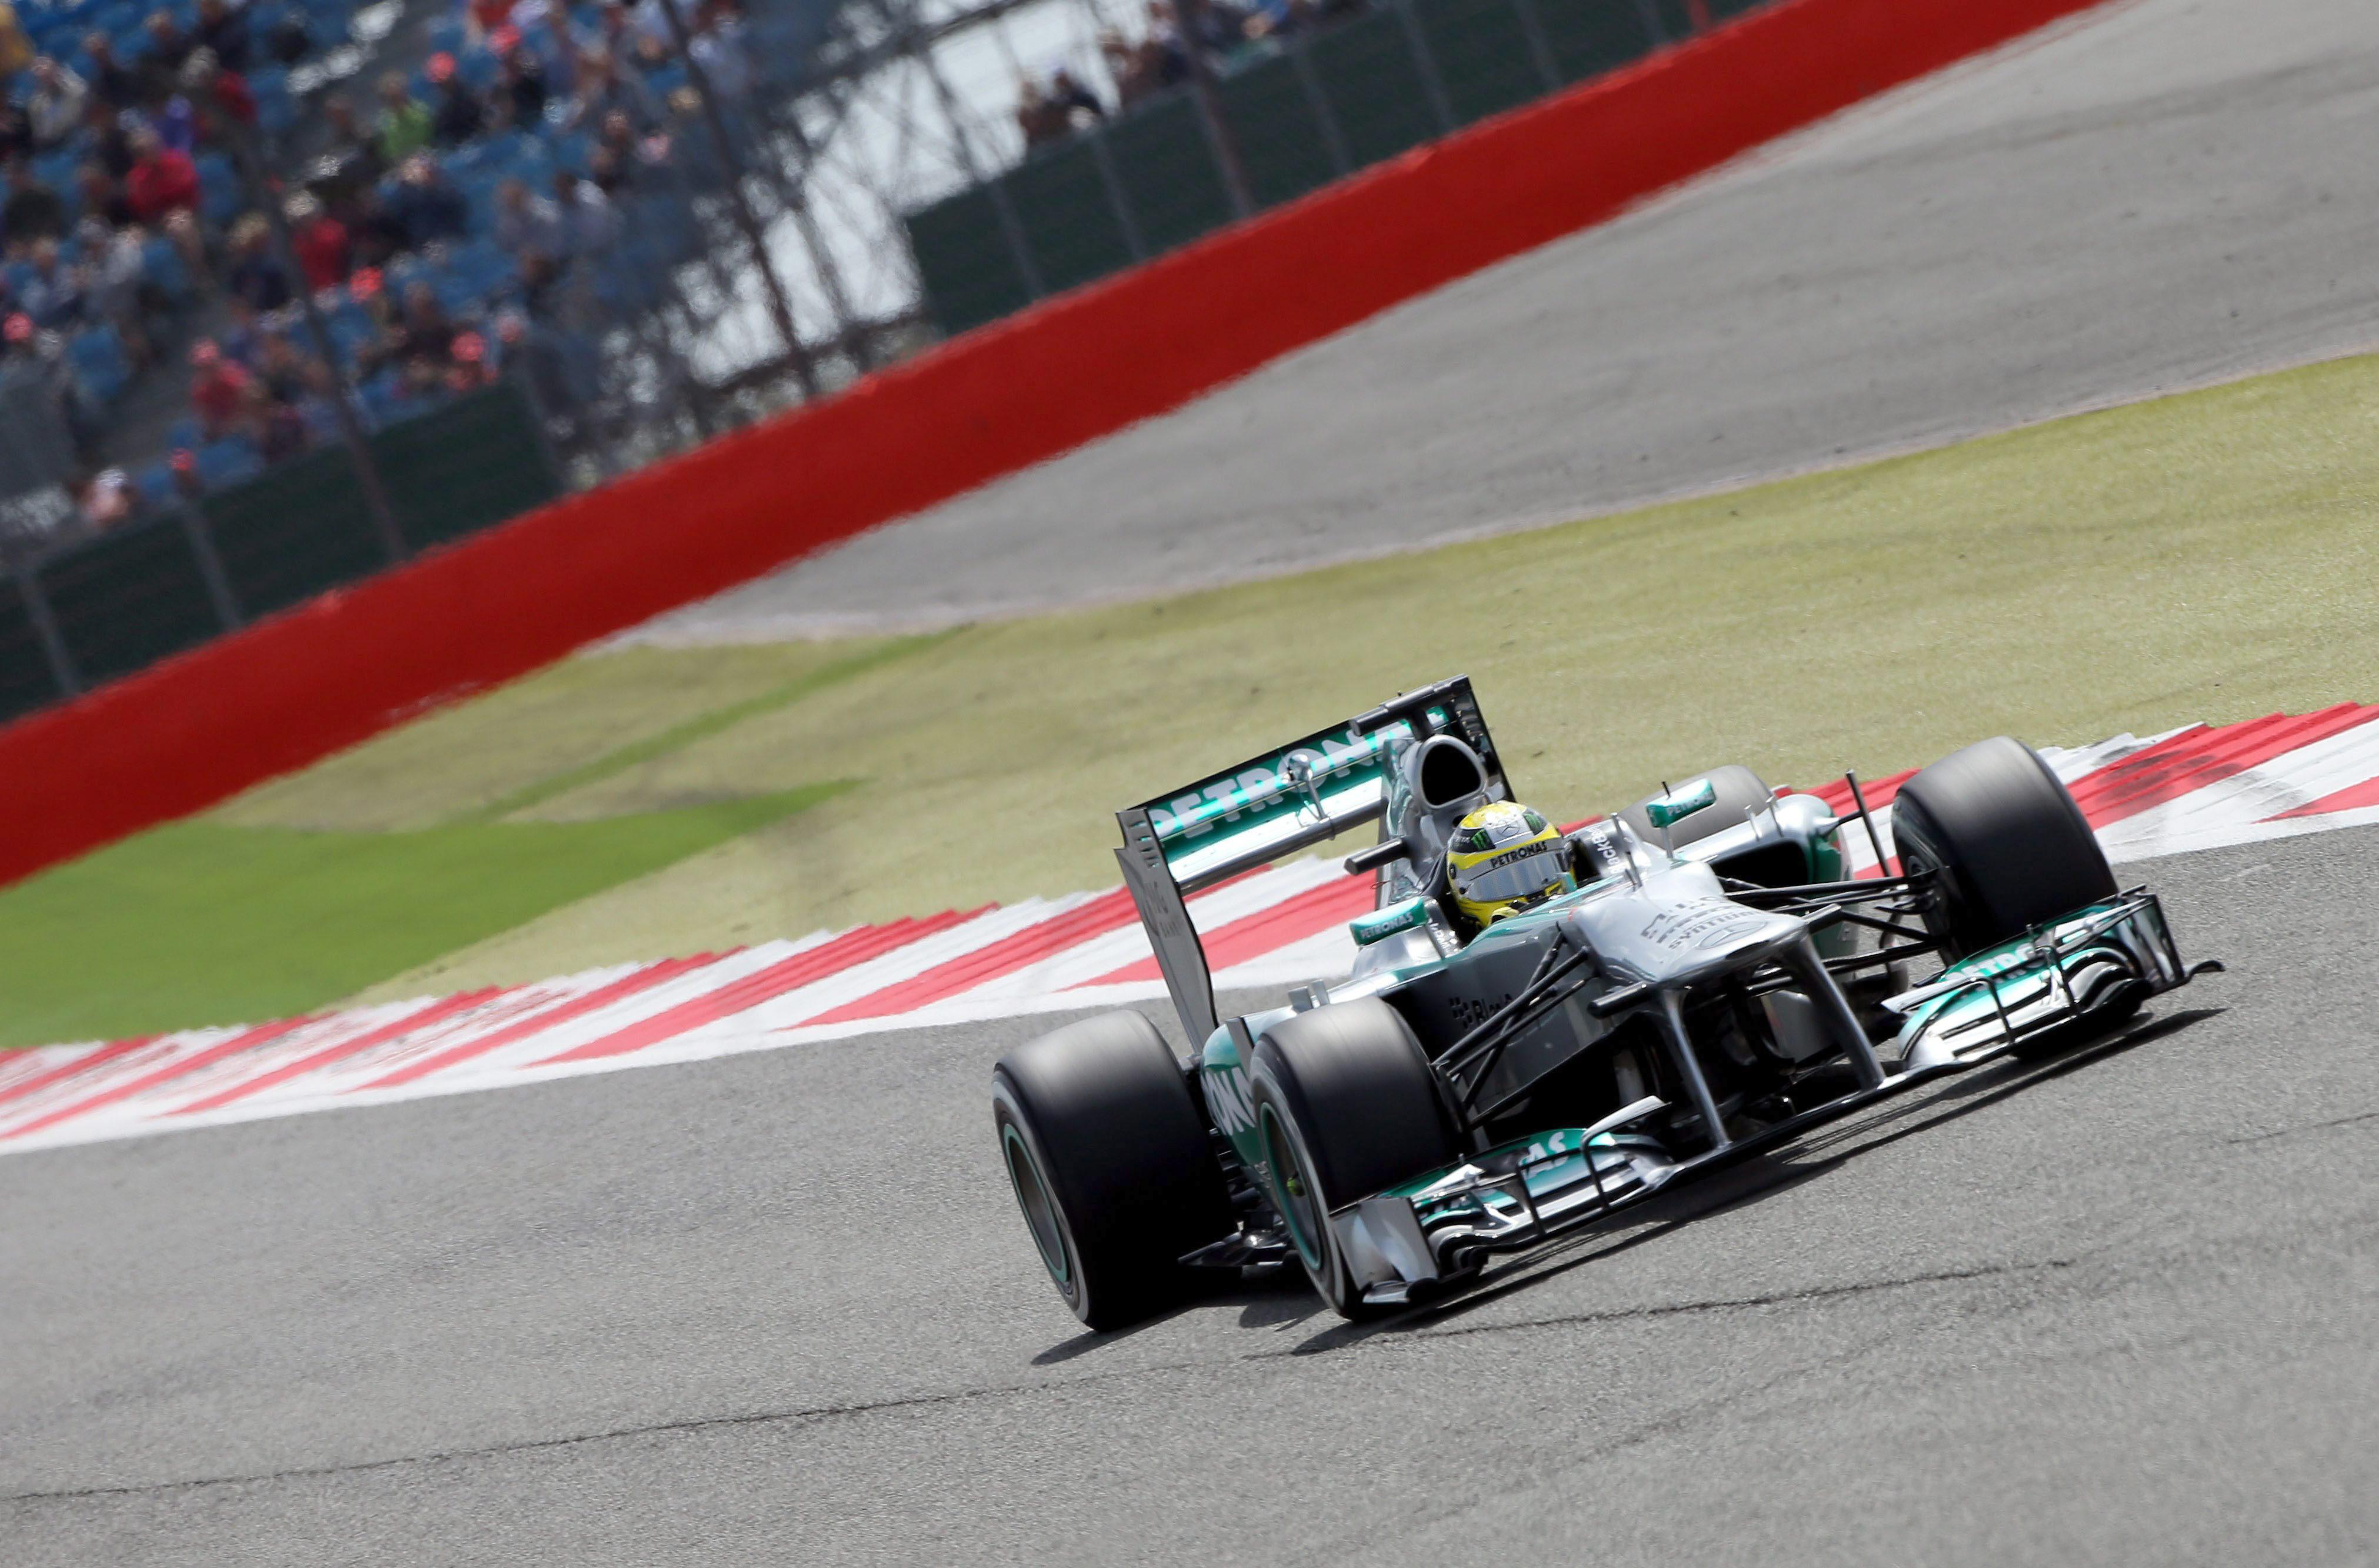 Alonso asegura que «hoy todo ha salido muy bien pero debemos trabajar para mejorar»